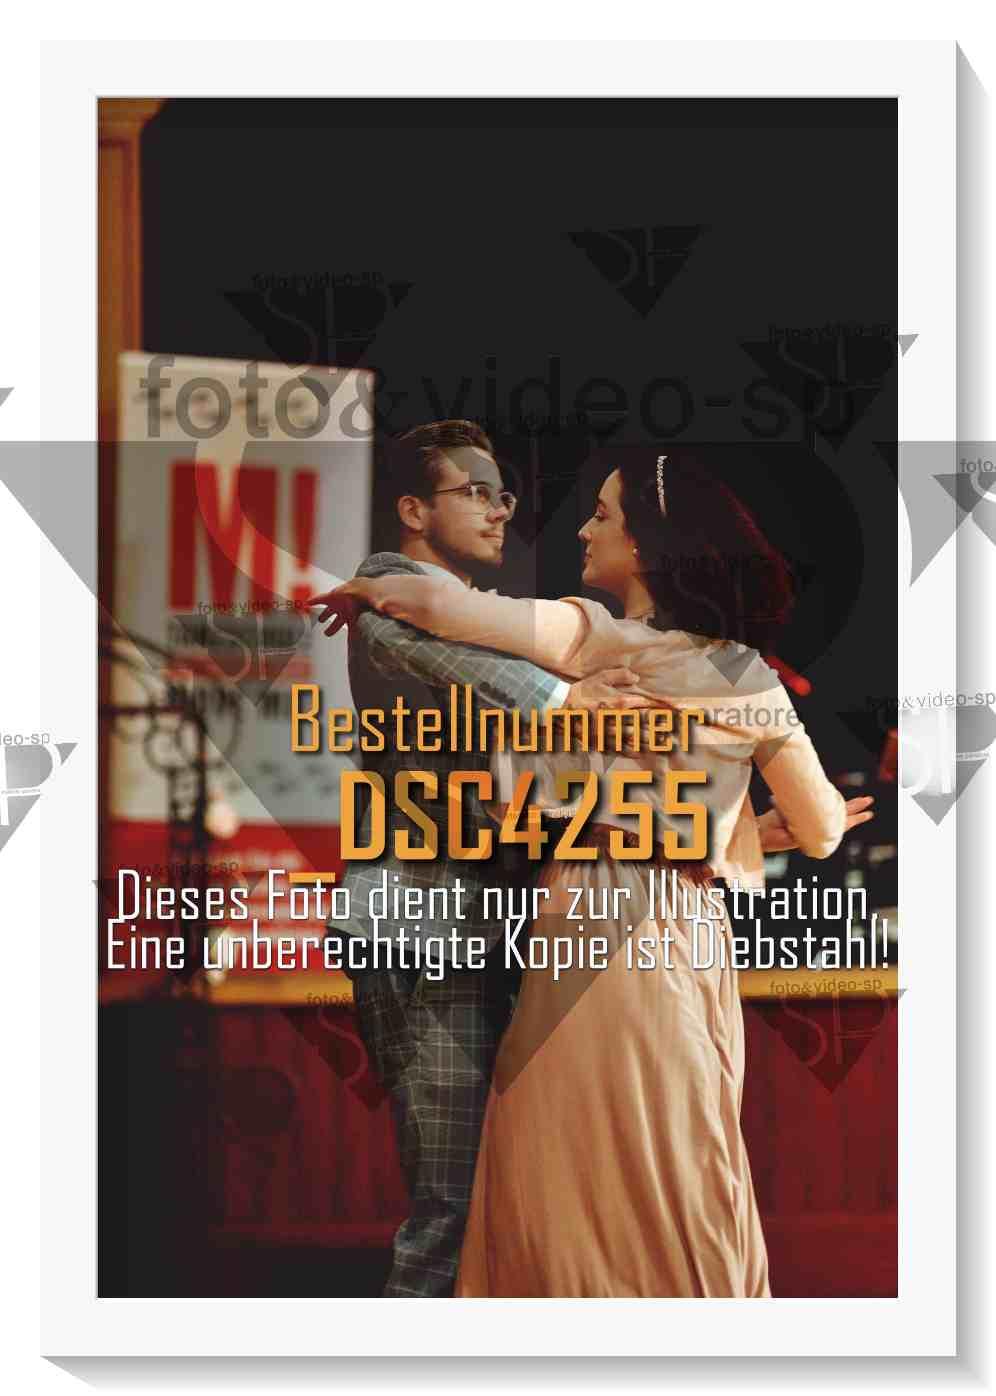 DSC4255